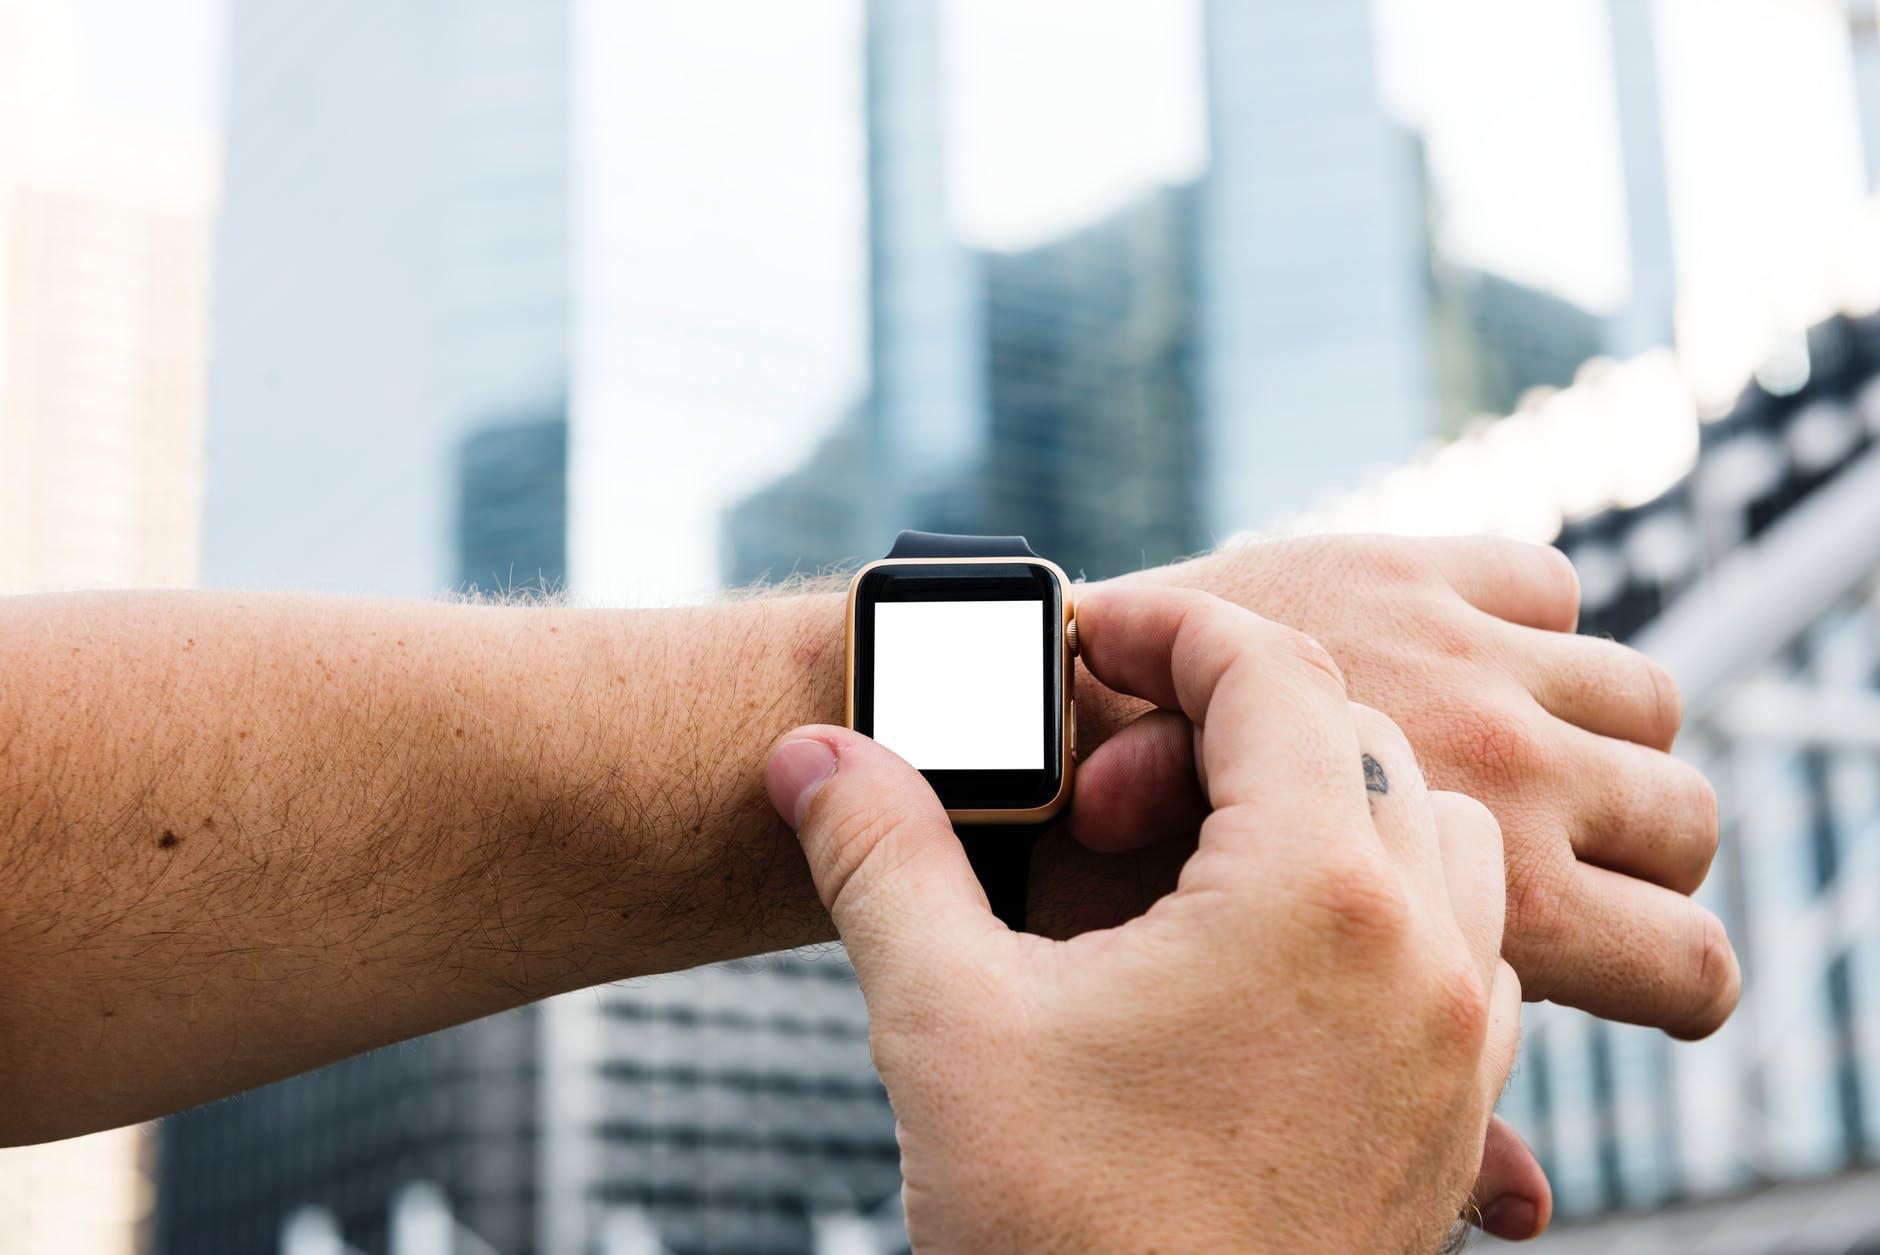 Apple Watchを着けて久しぶりに軽くジョギングしてみました